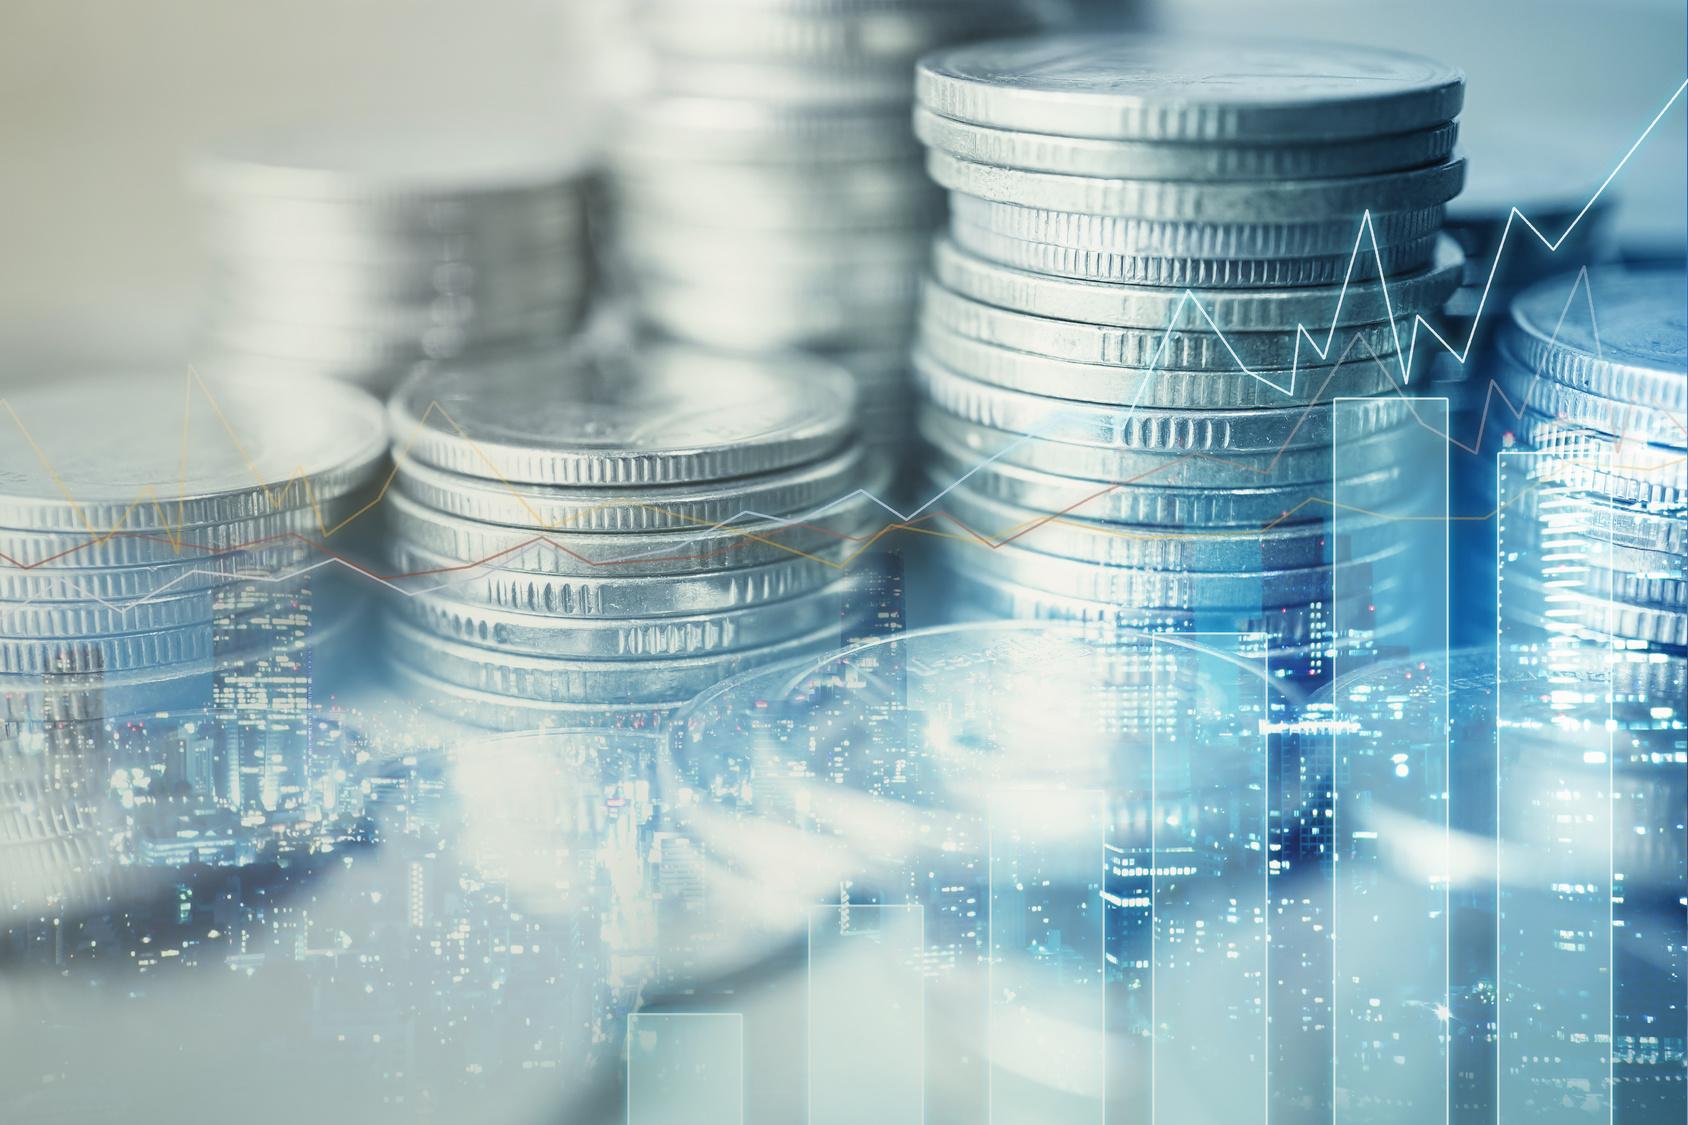 Finanzmarkt Wohnungswirtschaft – Entwicklungen im vierteljährlichen Überblick